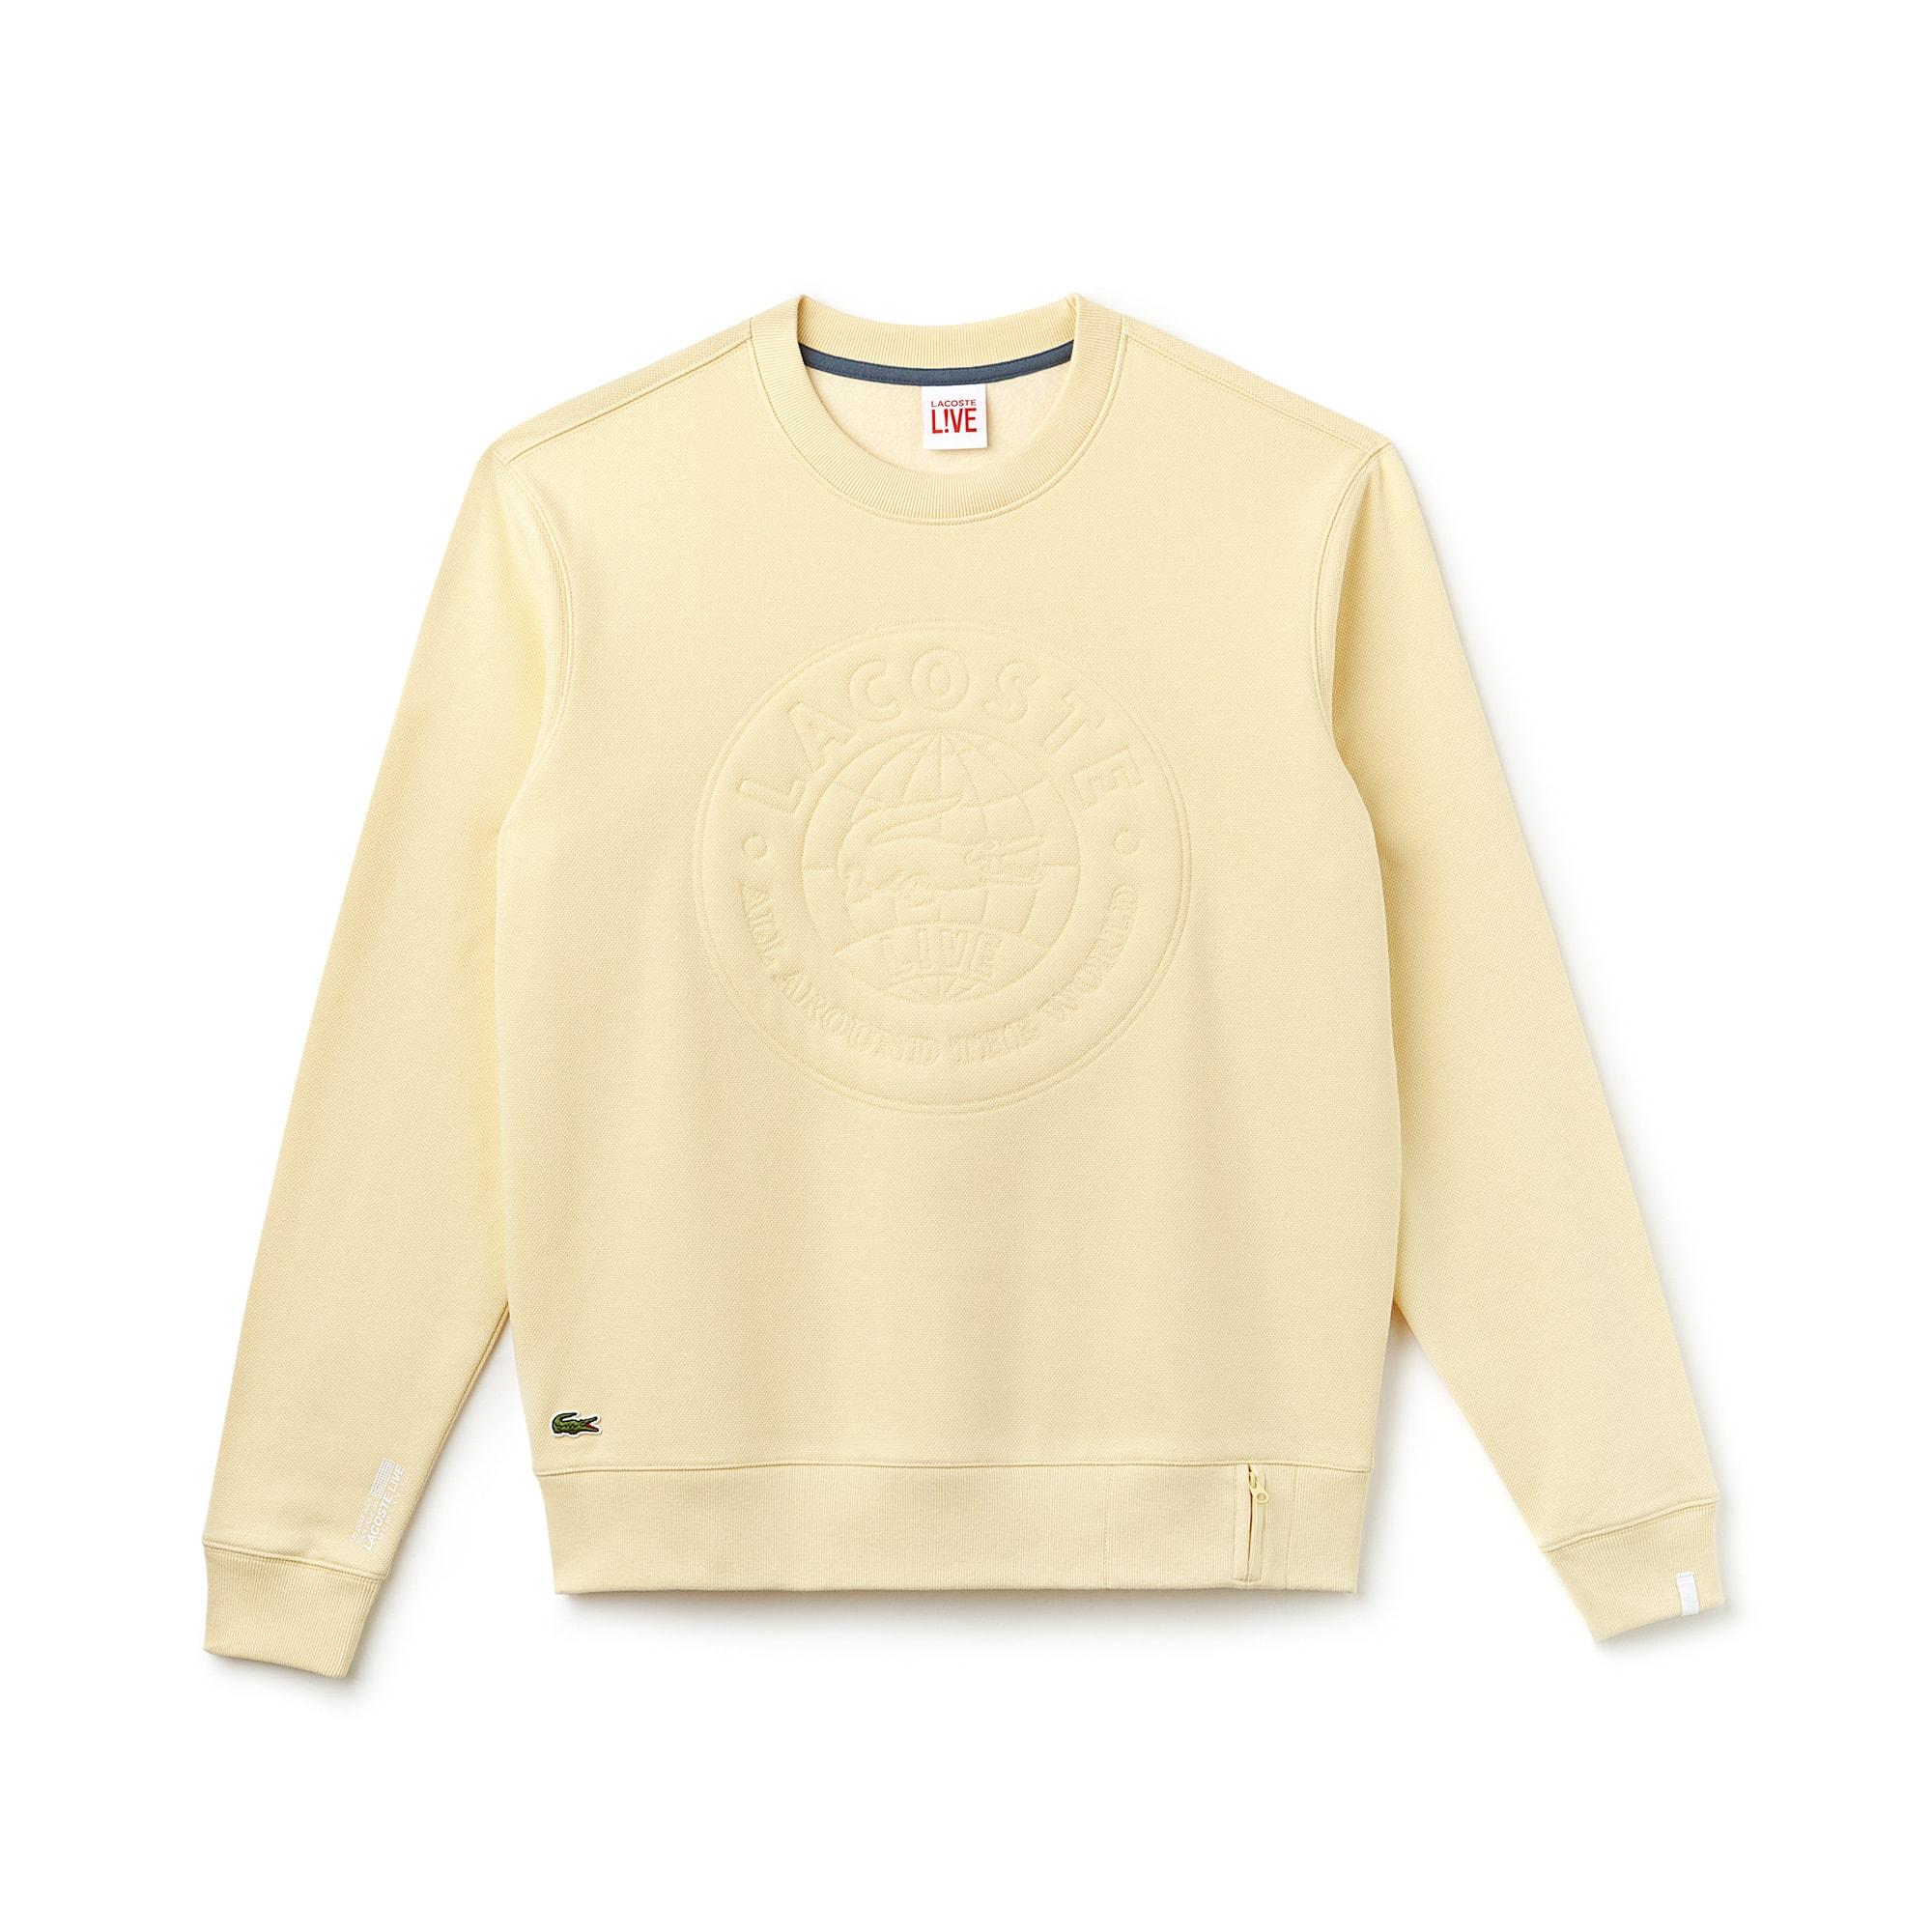 Lacoste LIVE-sweatshirt unisex katoen met logo-ontwerp